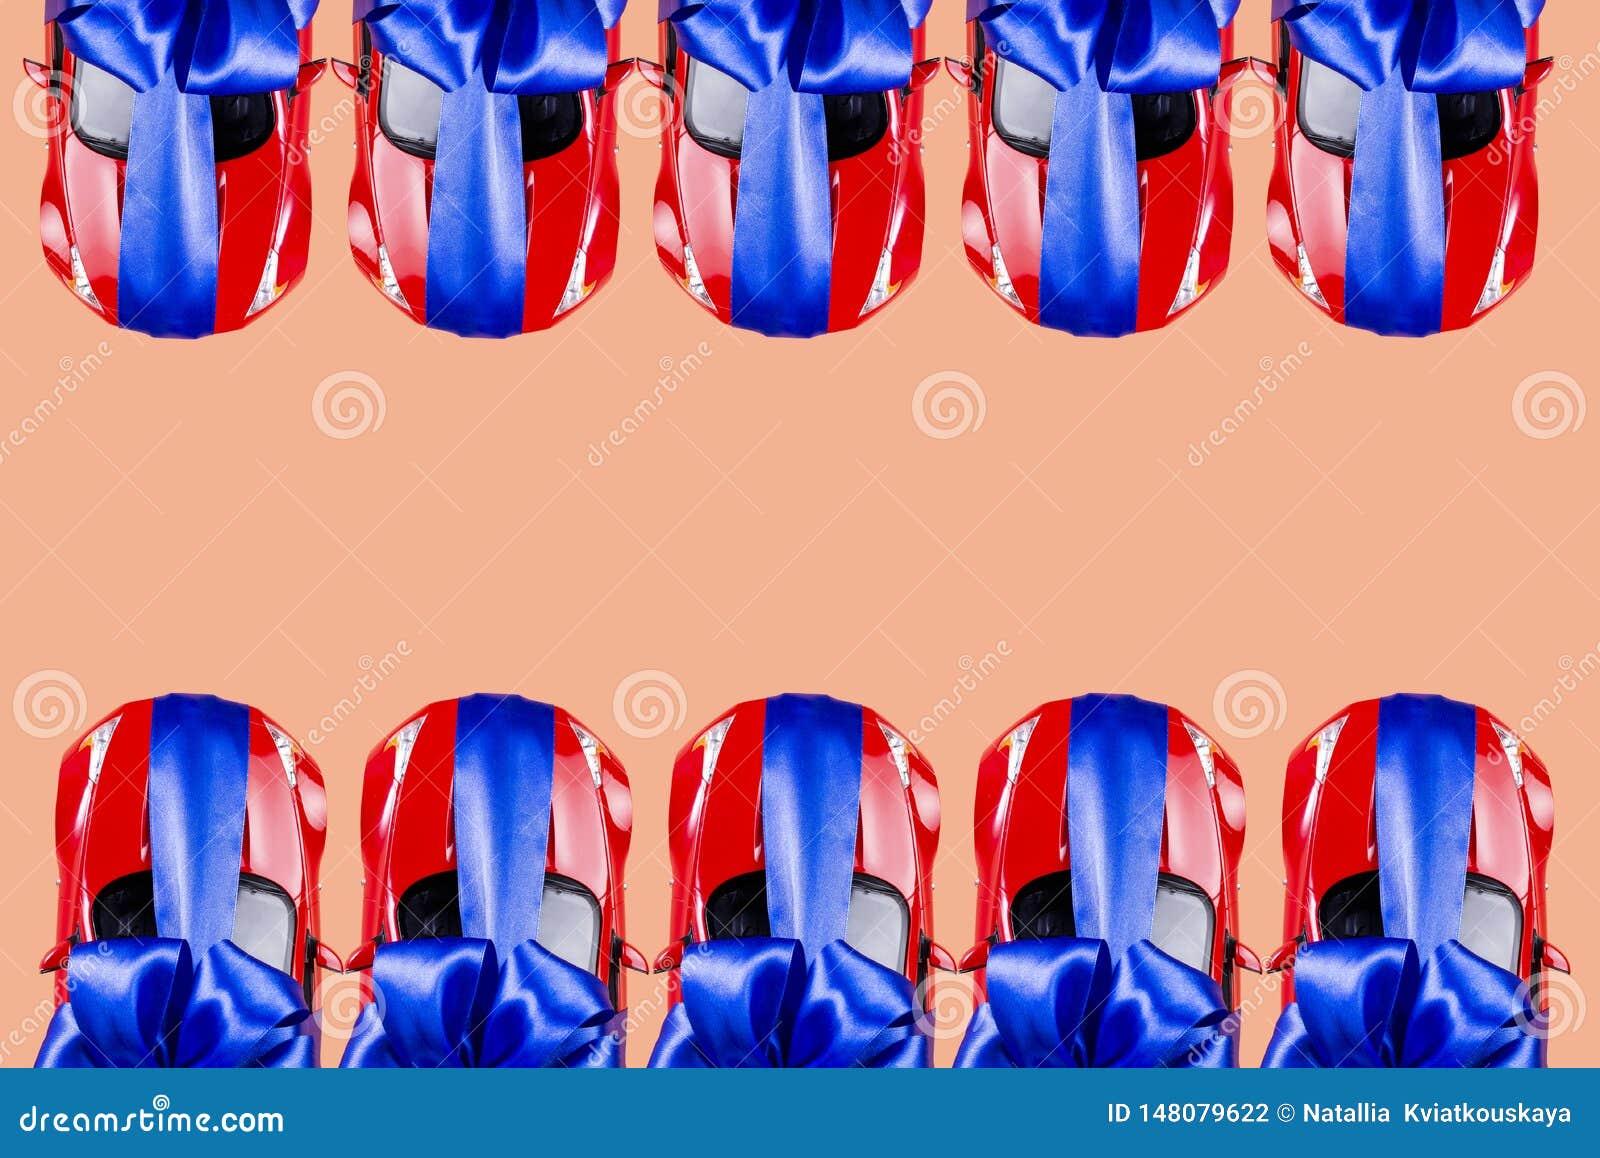 Vele rode auto s met een blauwe boog als gift op een gekleurde achtergrond Ruimte voor tekst, achtergrond